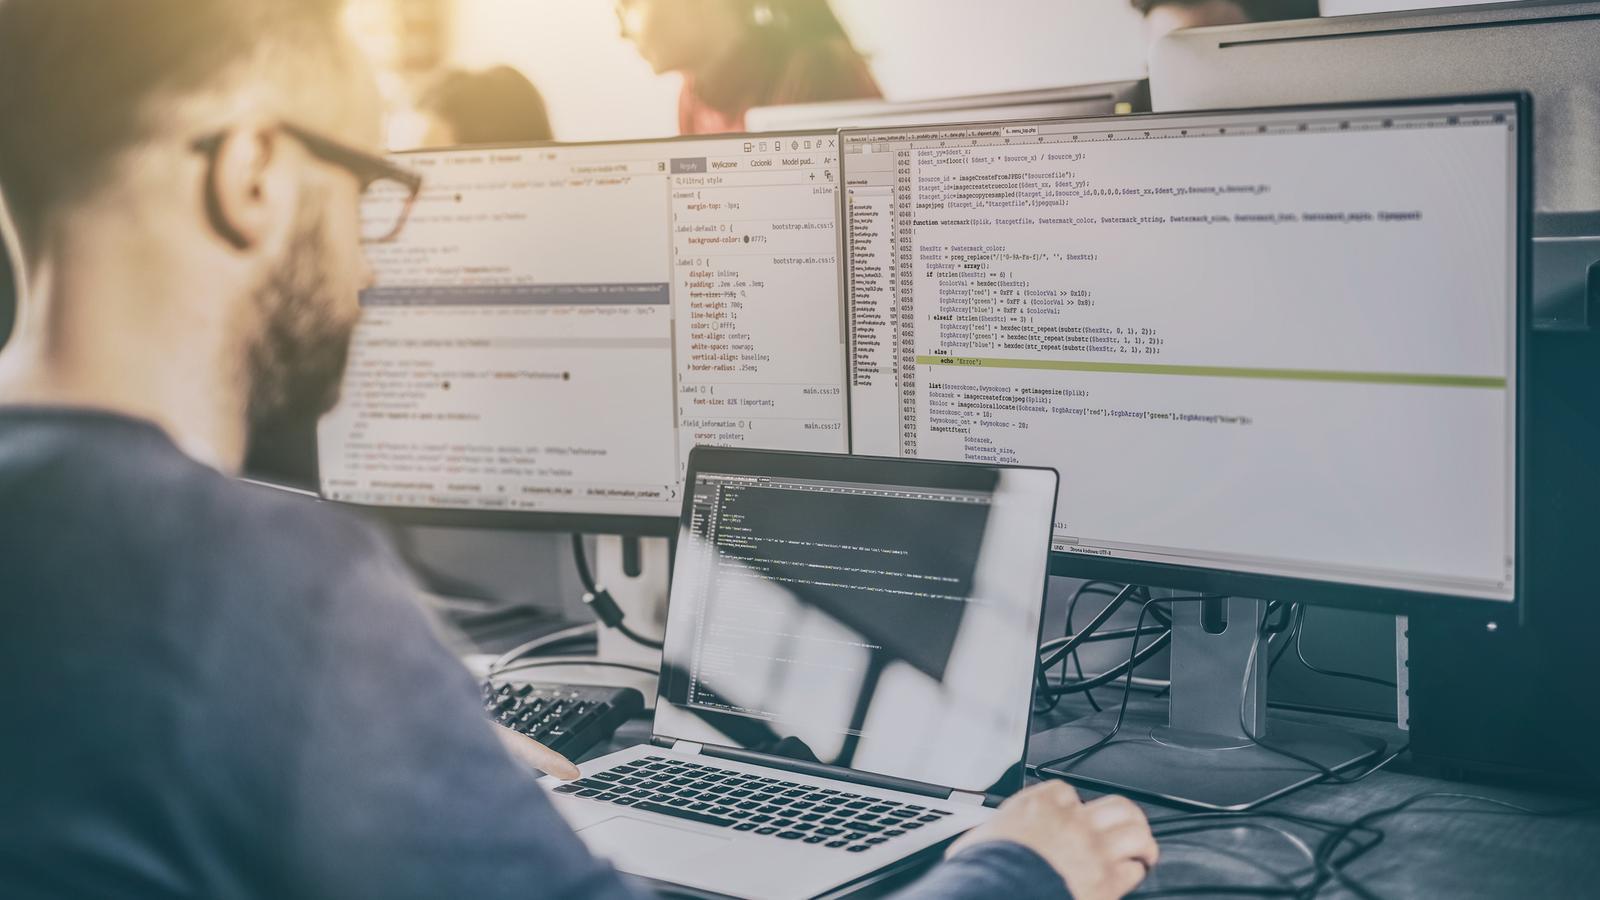 Dlaczego programiści zarabiają tak dużo? Oto powody